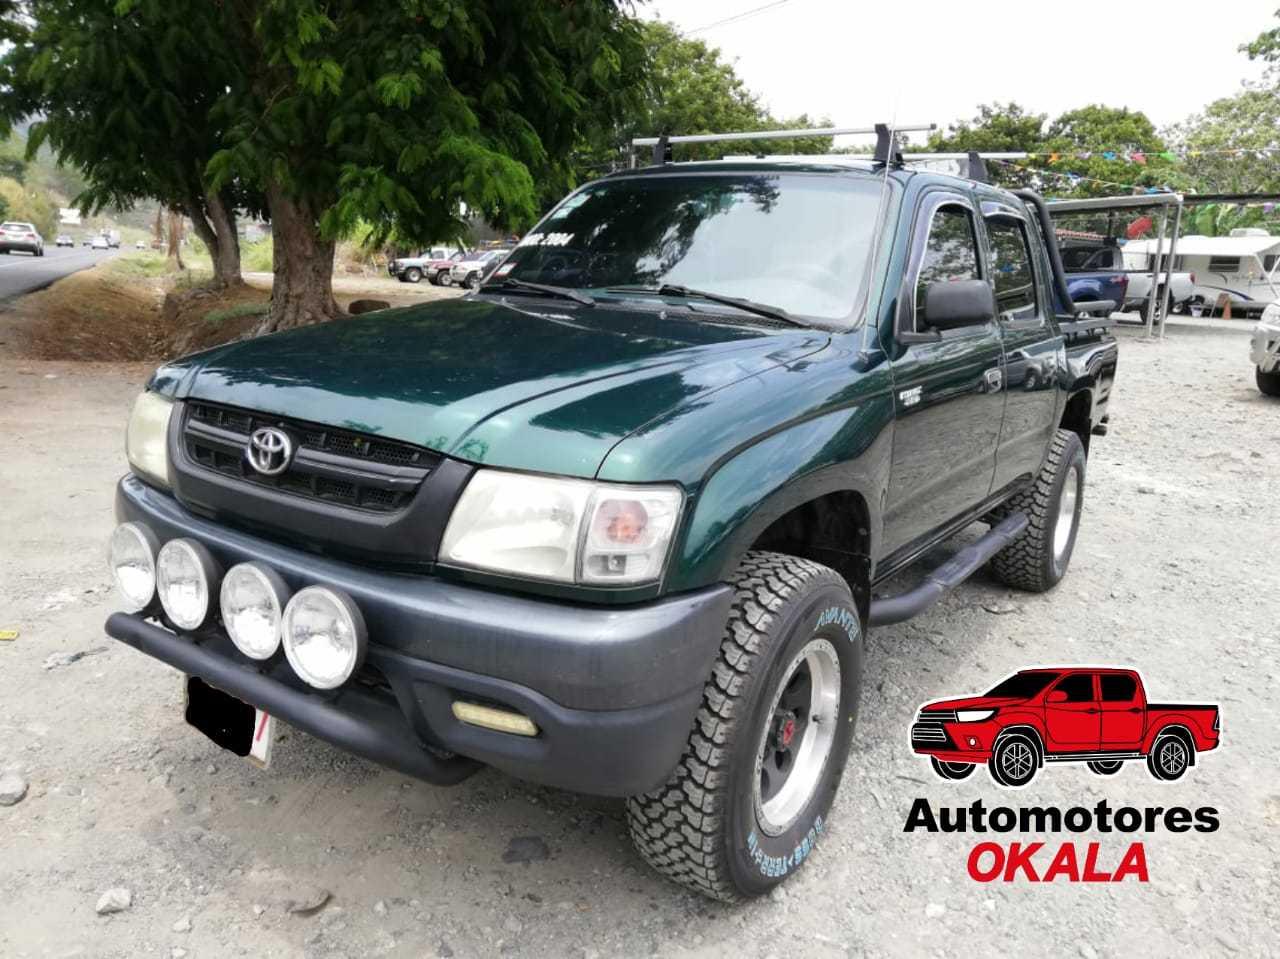 Amarillas-CR-Automotores-Okala-10